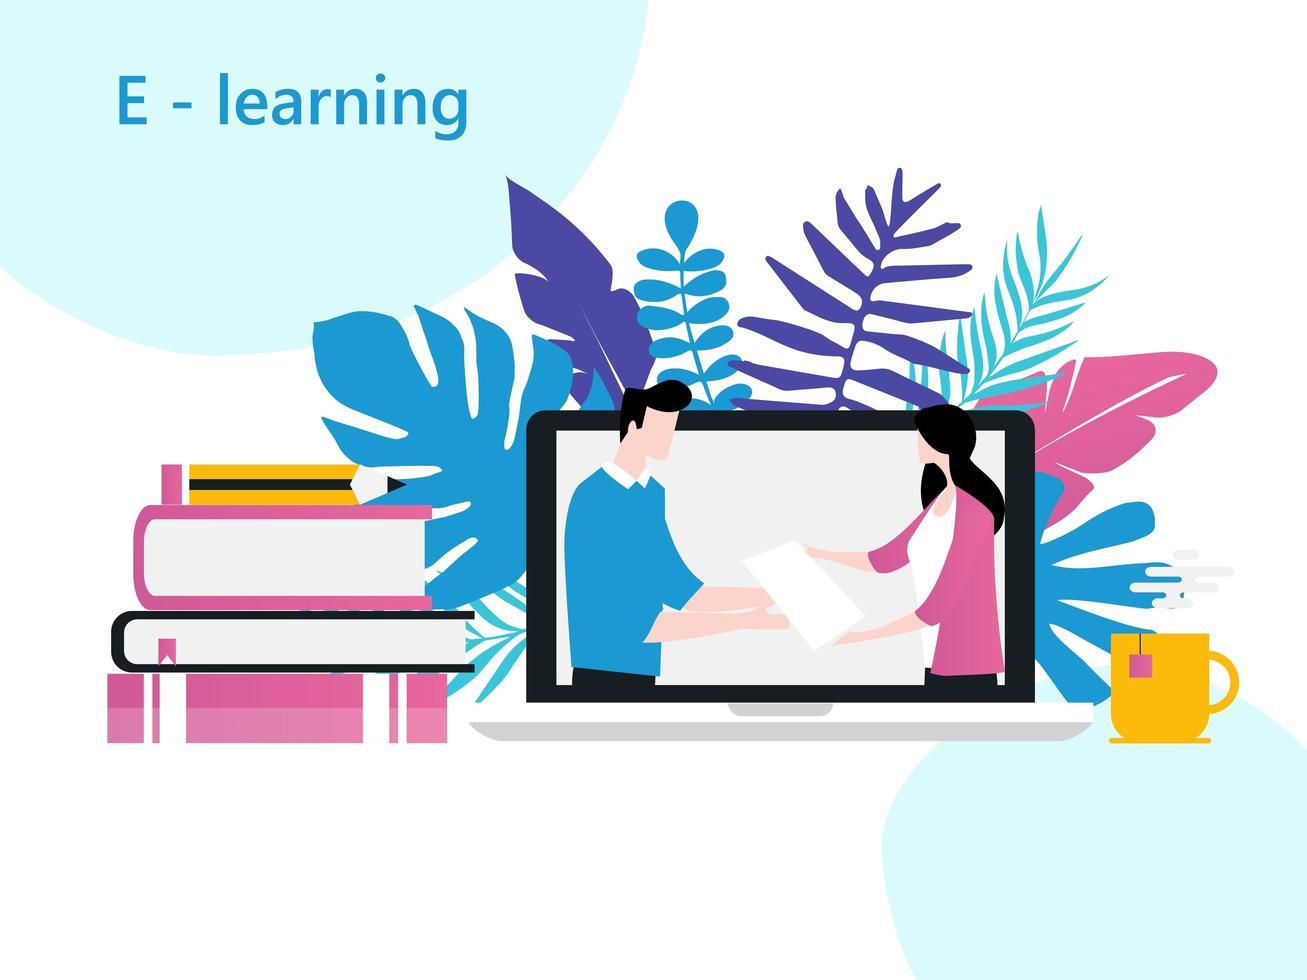 aulas online, escola online, e-learning, estudo em casa, educação a distância, sala de aula virtual vetor